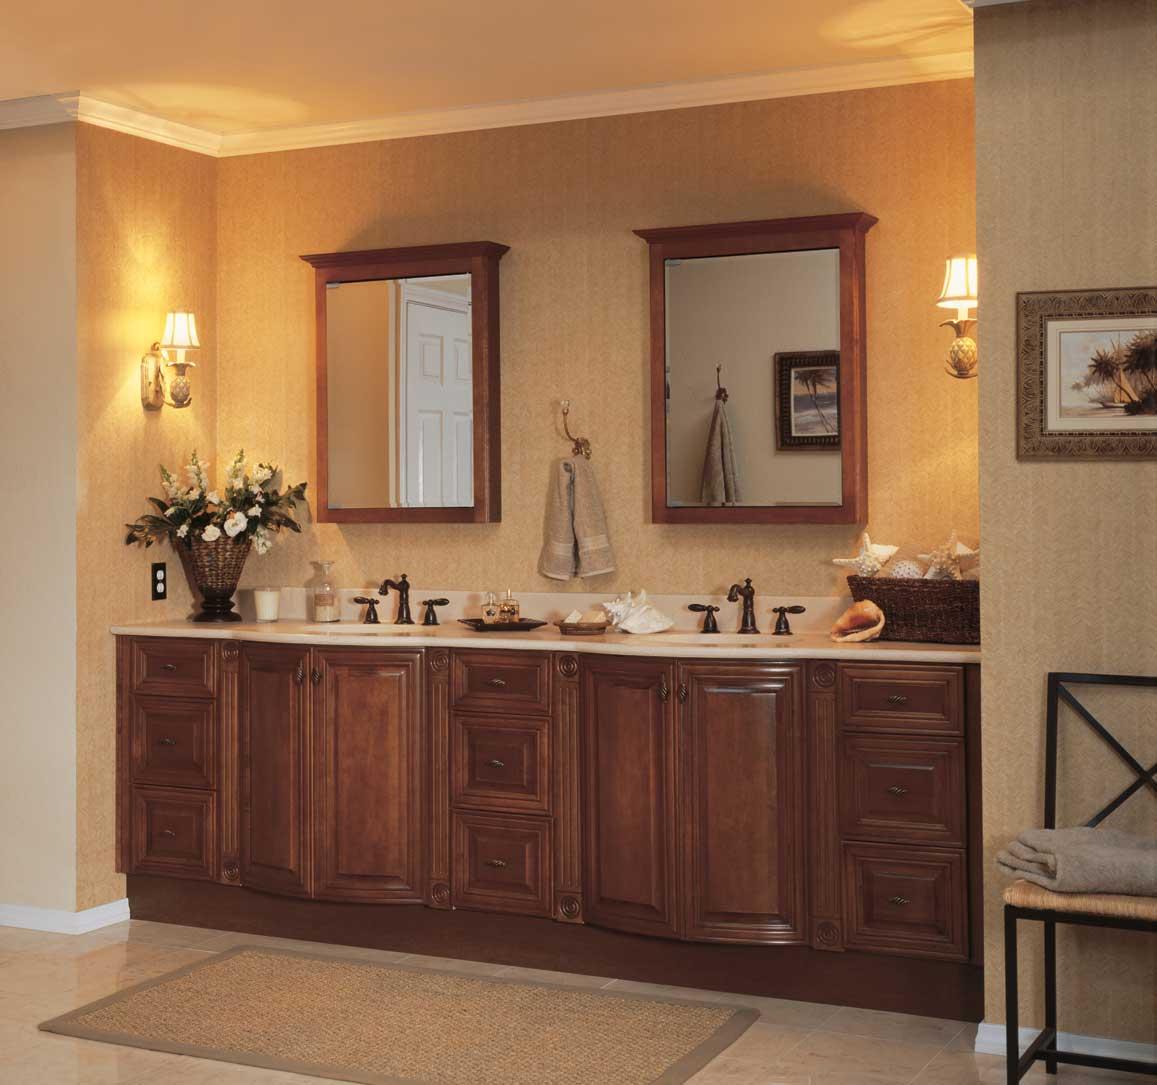 Home Ideas & Home Designs